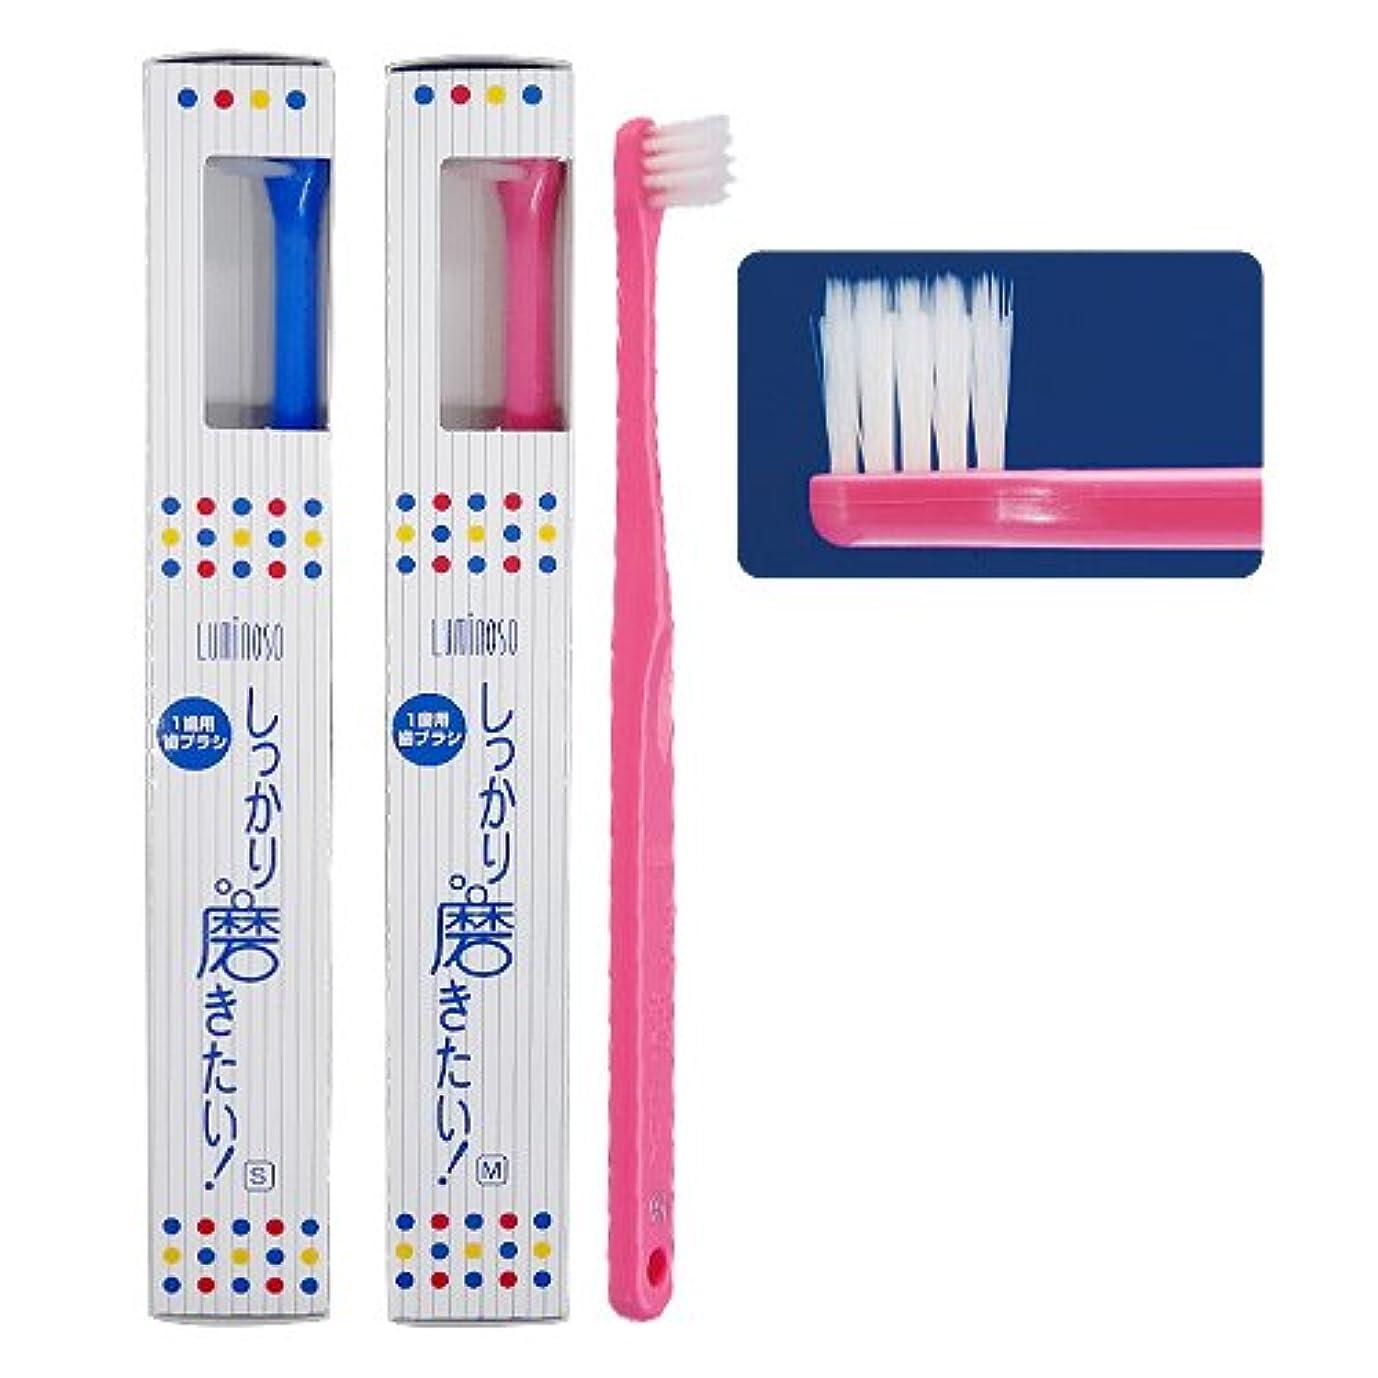 道を作るなめる自殺ルミノソ 1歯用歯ブラシ「しっかり磨きたい!」スタンダード ソフト